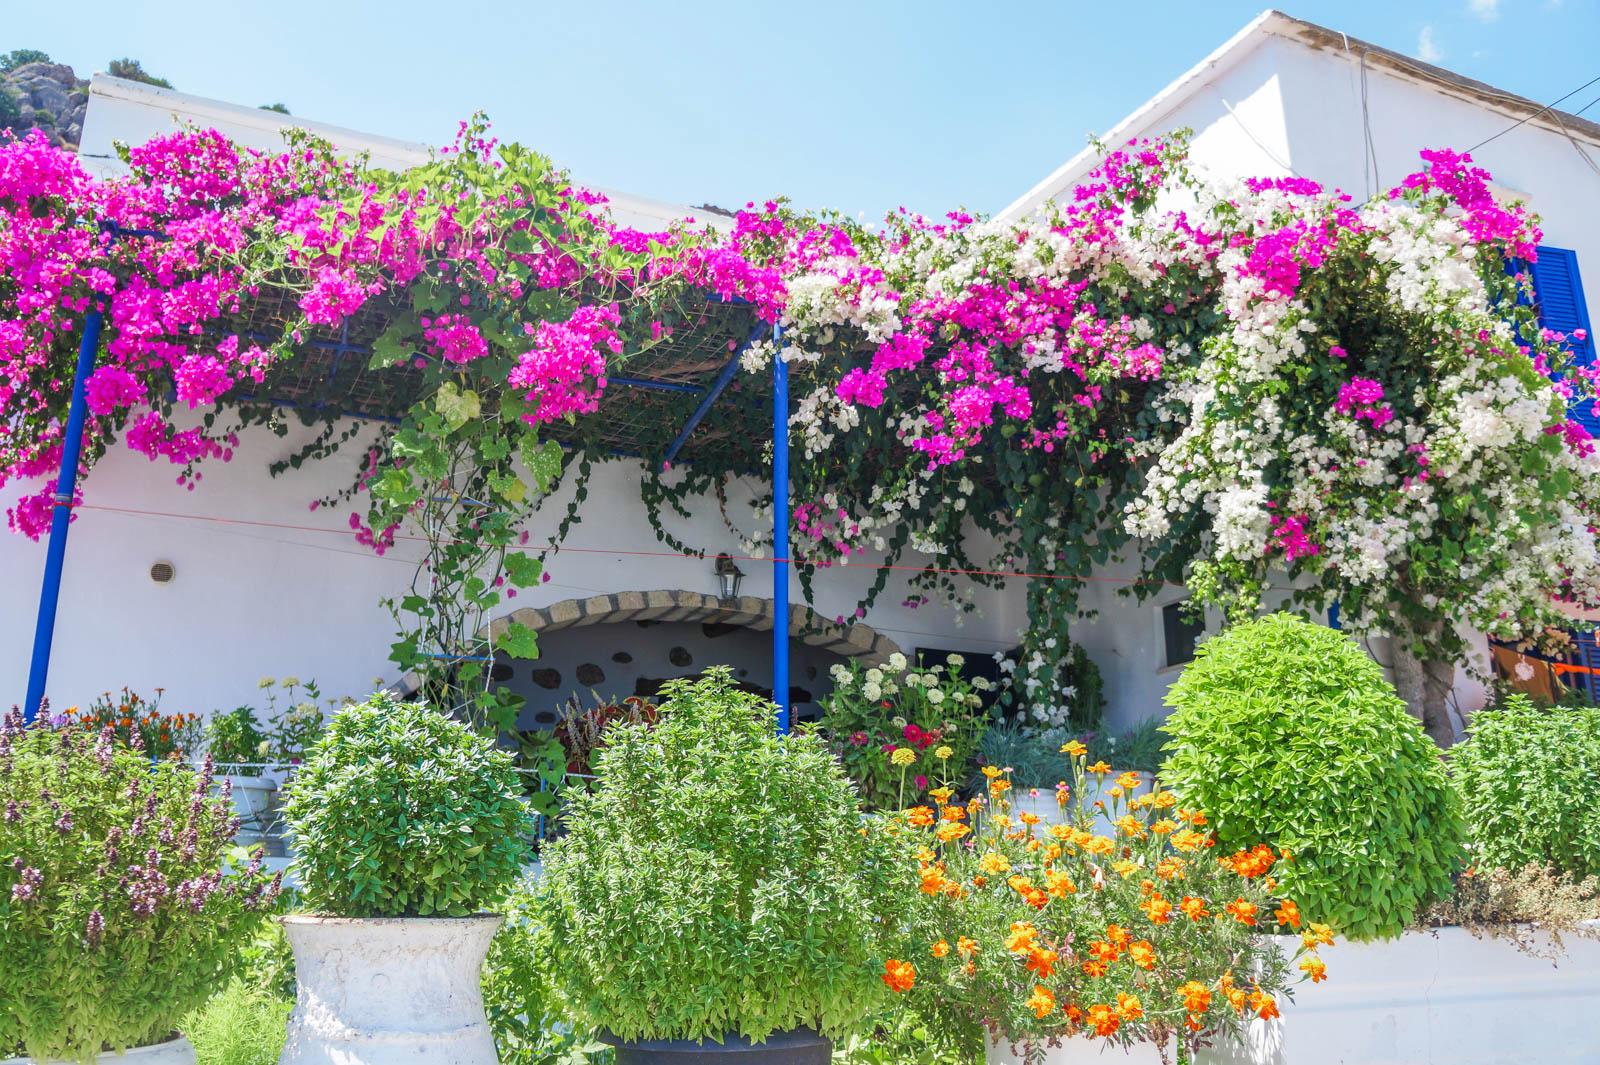 loutro-crete-greece-la-vie-en-blog-all-rights-reserved-11